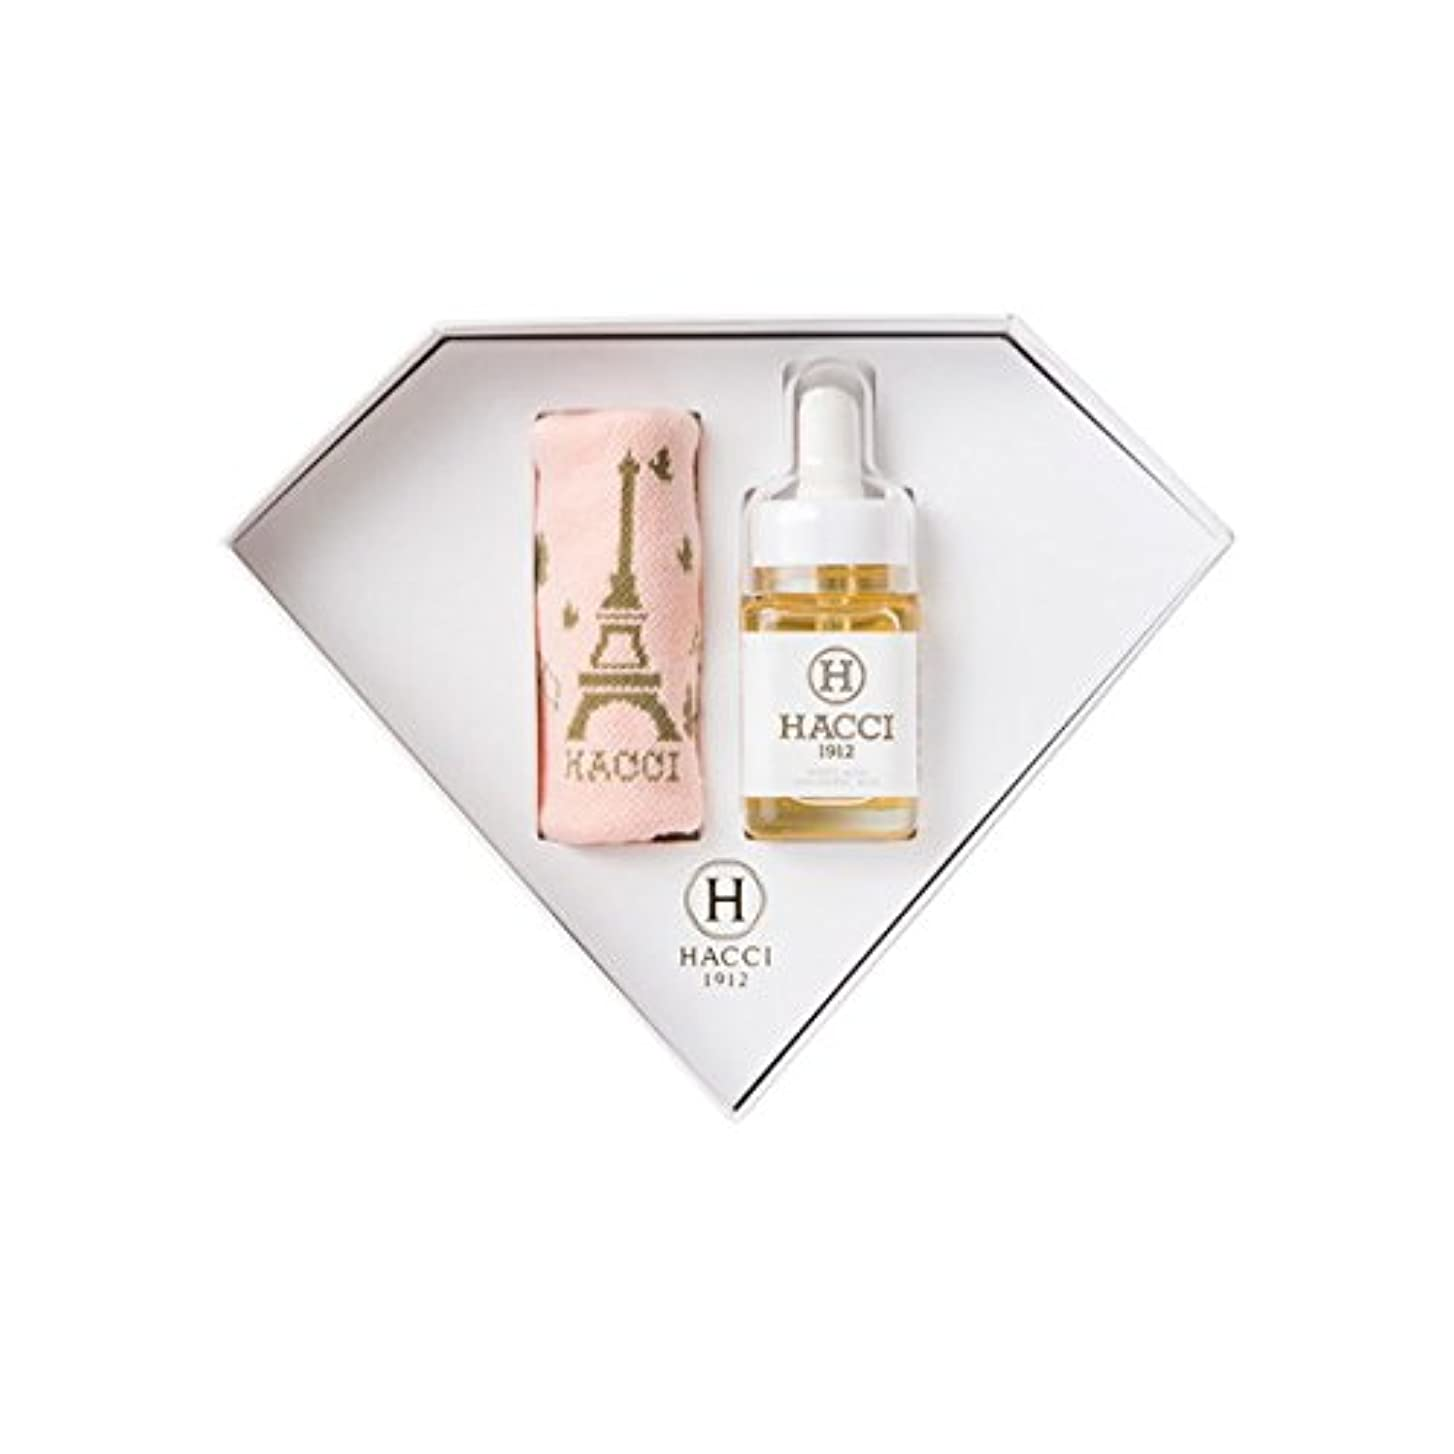 移植安らぎ生HACCI ミニダイヤモンドBOX(BEAUTY HONEY40g) (ヒアルロン酸入りはちみつ)